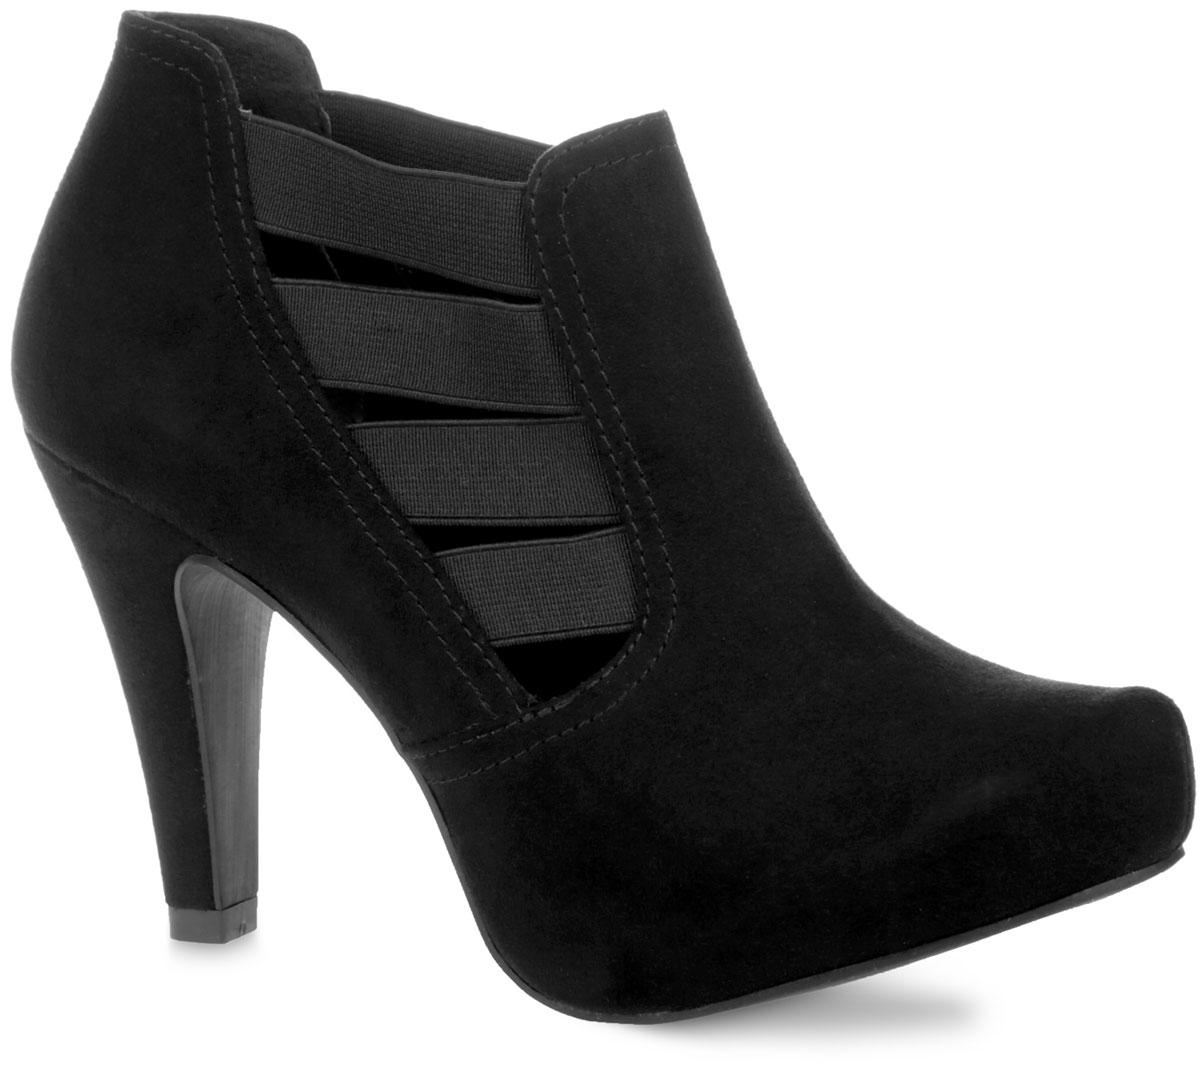 Ботильоны. 2-2-24412-35-0012-2-24412-35-001Элегантные ботильоны от Marco Tozzi займут достойное место в вашем гардеробе. Модель выполнена из искусственного велюра и дополнена по бокам эластичными вставками, которые надежно фиксируют обувь на ноге и регулируют объем. Подкладка - из текстиля, и стелька - из искусственной кожи, обеспечат ногам комфорт и уют. Зауженный носок добавит женственности в ваш образ. Высокий конусовидный каблук компенсирован скрытой платформой. Подошва из резины с рельефным протектором обеспечивает отличное сцепление на любой поверхности. Изысканные ботильоны добавят в ваш образ немного шарма и подчеркнут ваш безупречный вкус.